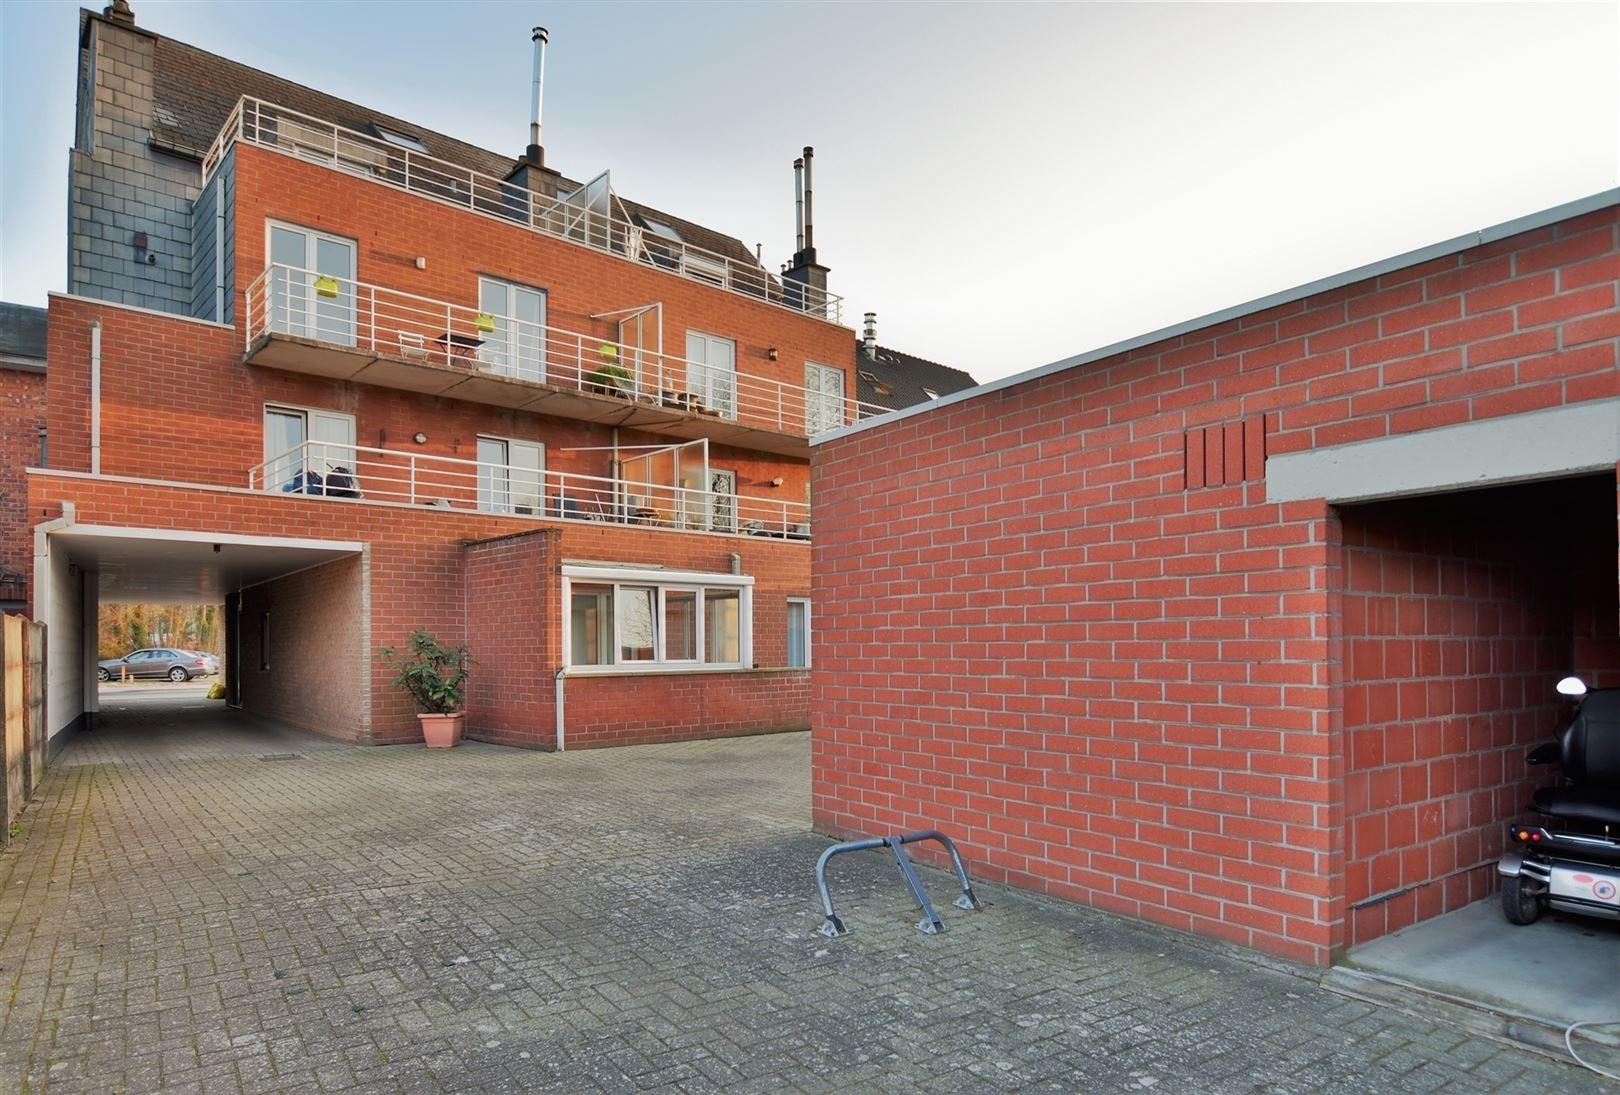 Foto 16 : Appartement te 9200 APPELS (België) - Prijs € 190.000